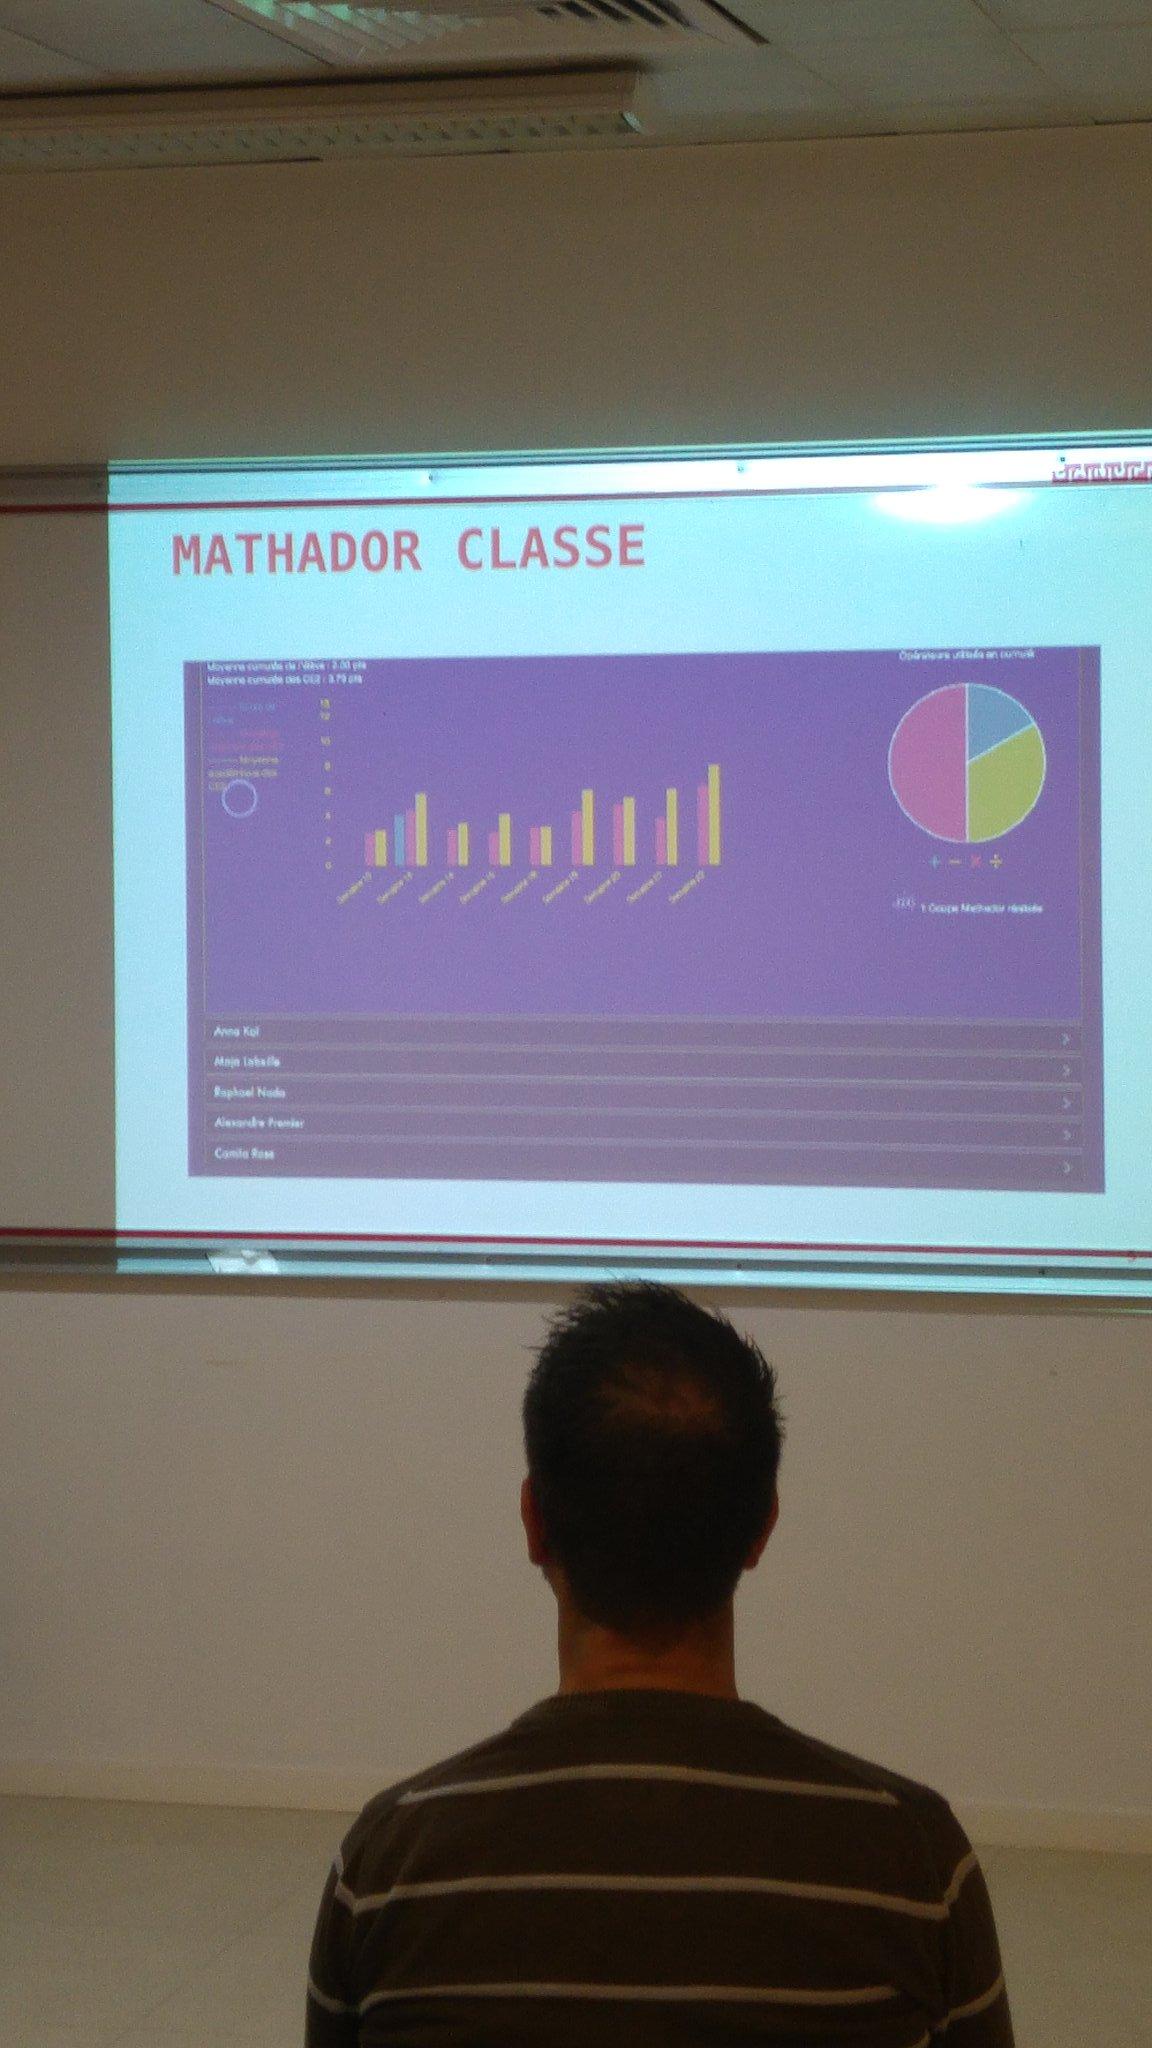 #UNY89 présentation de  #mathador classe et des statistiques des élèves en atelier @reseau_canope https://t.co/u9vpcYDlET